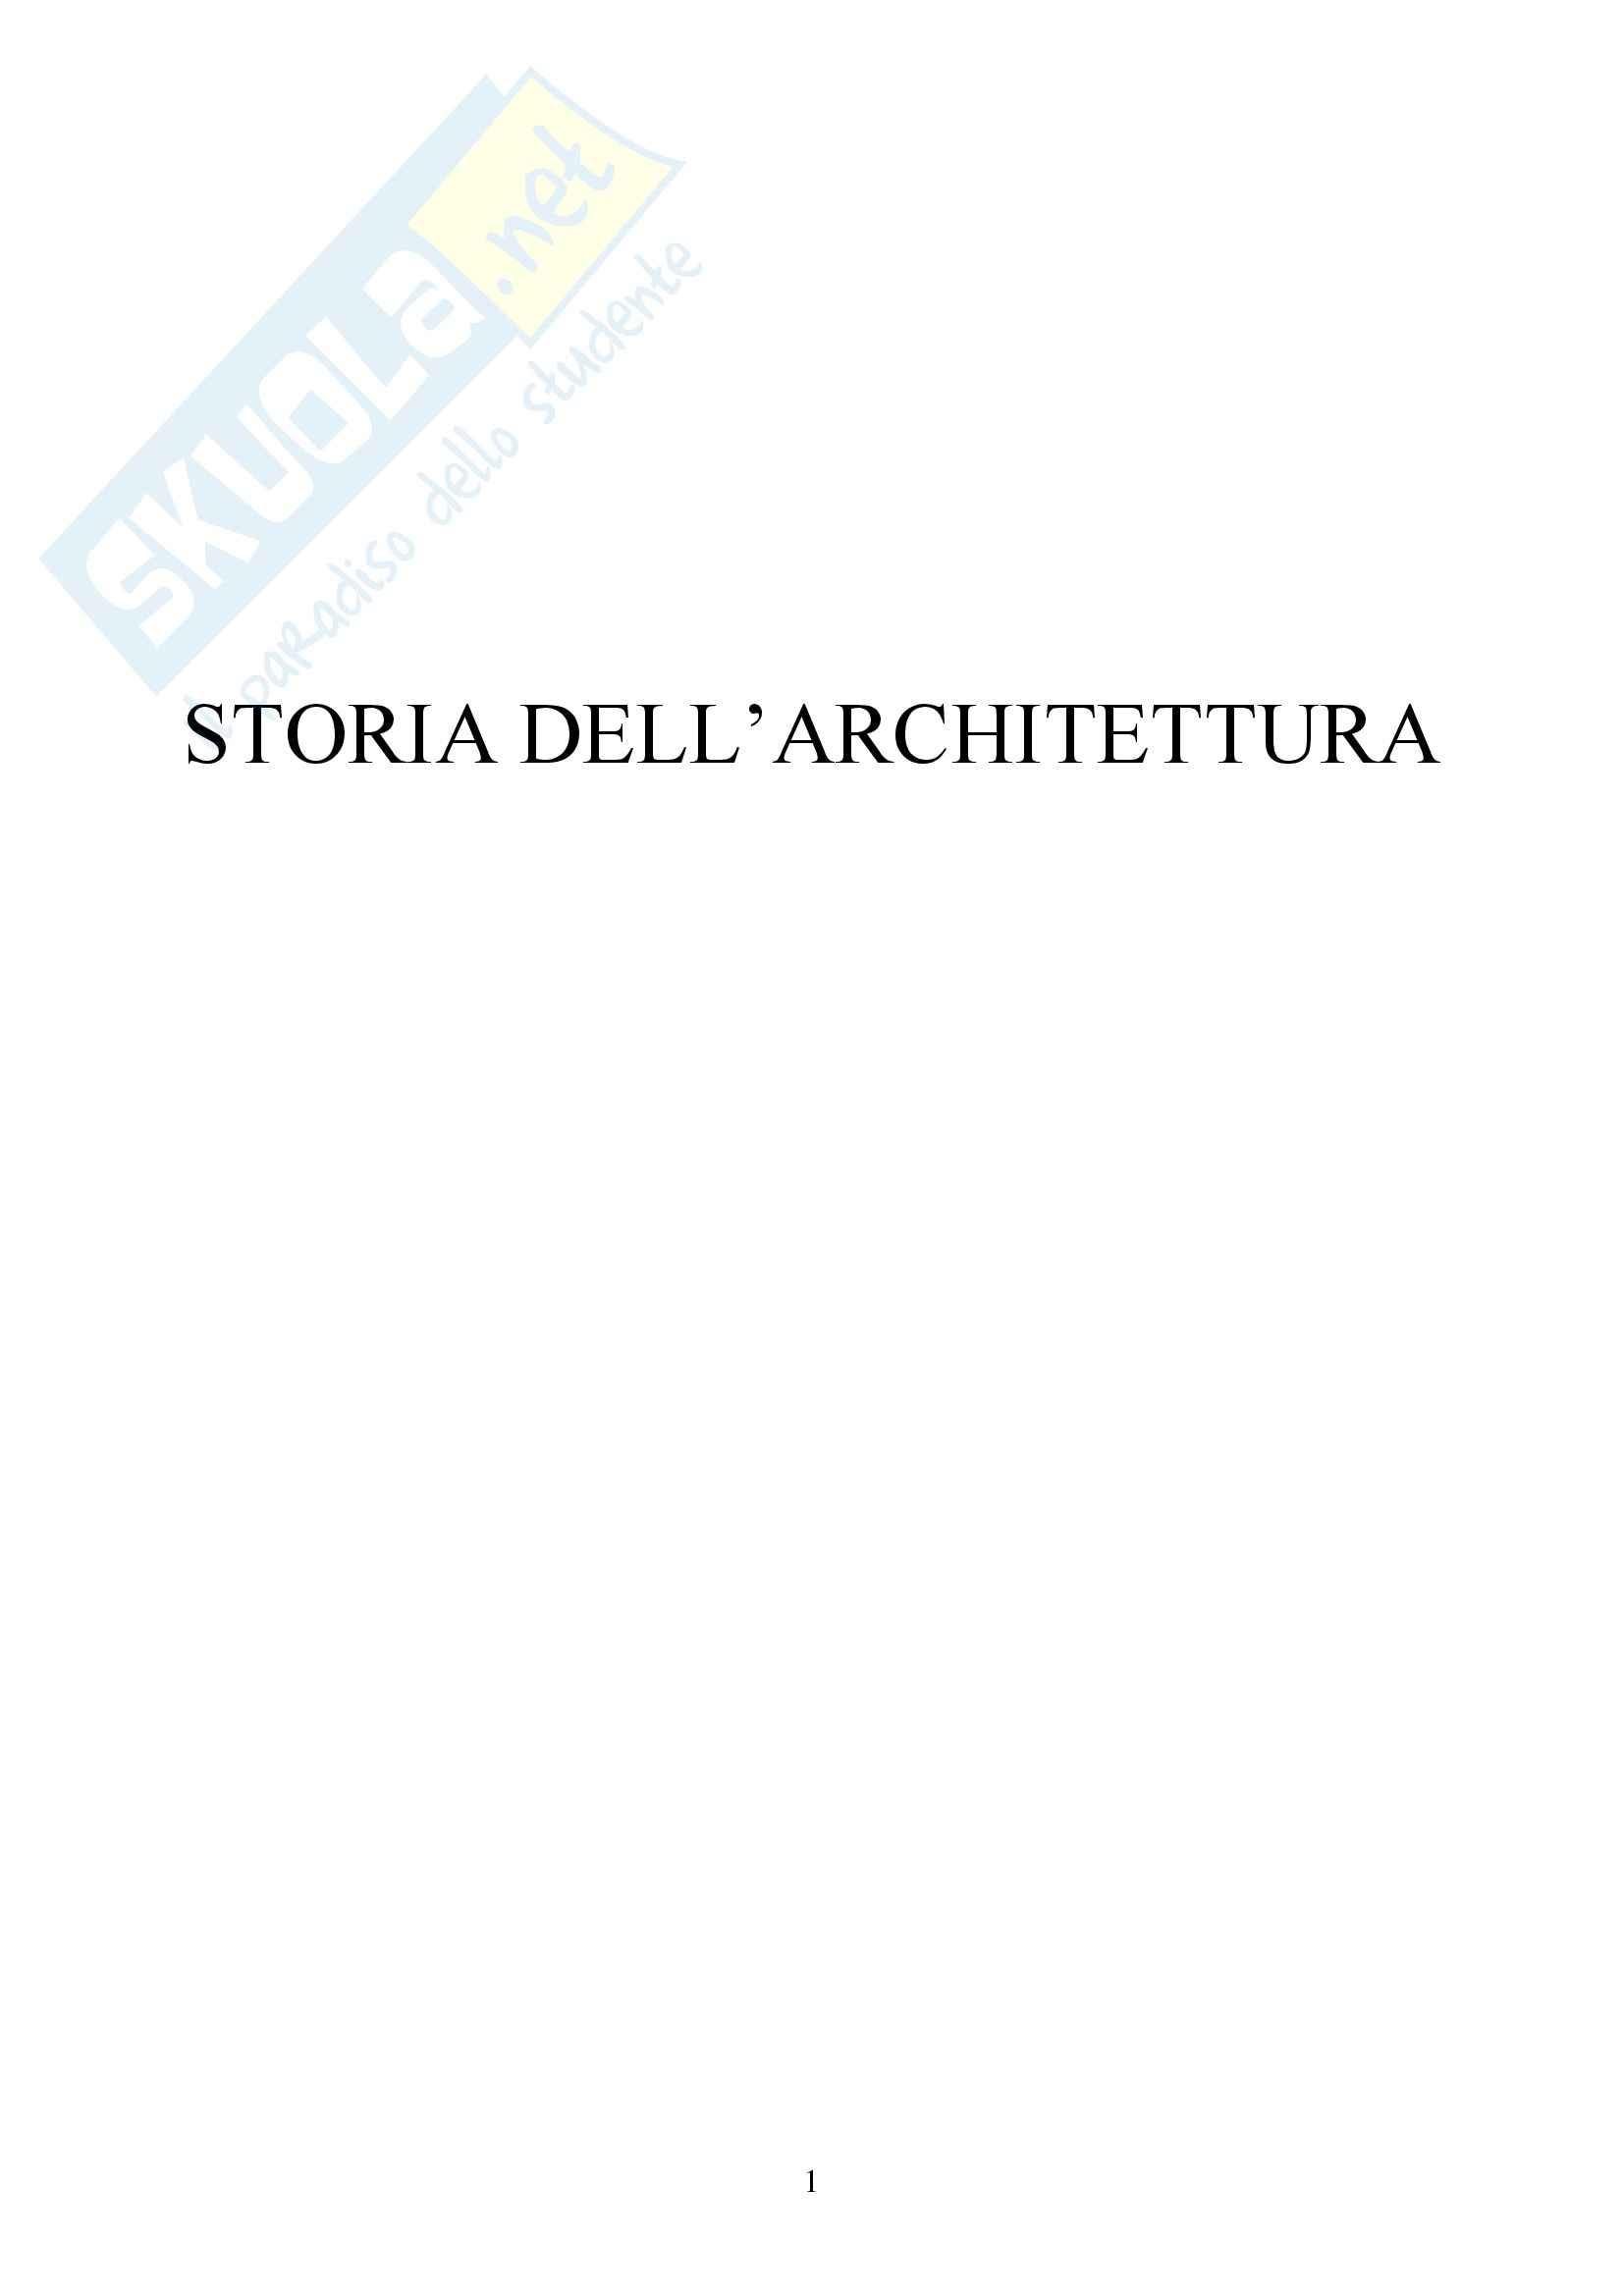 Riassunto esame Storia dell'Architettura Italiana - DAL '400 al '750, prof. Bulgarelli